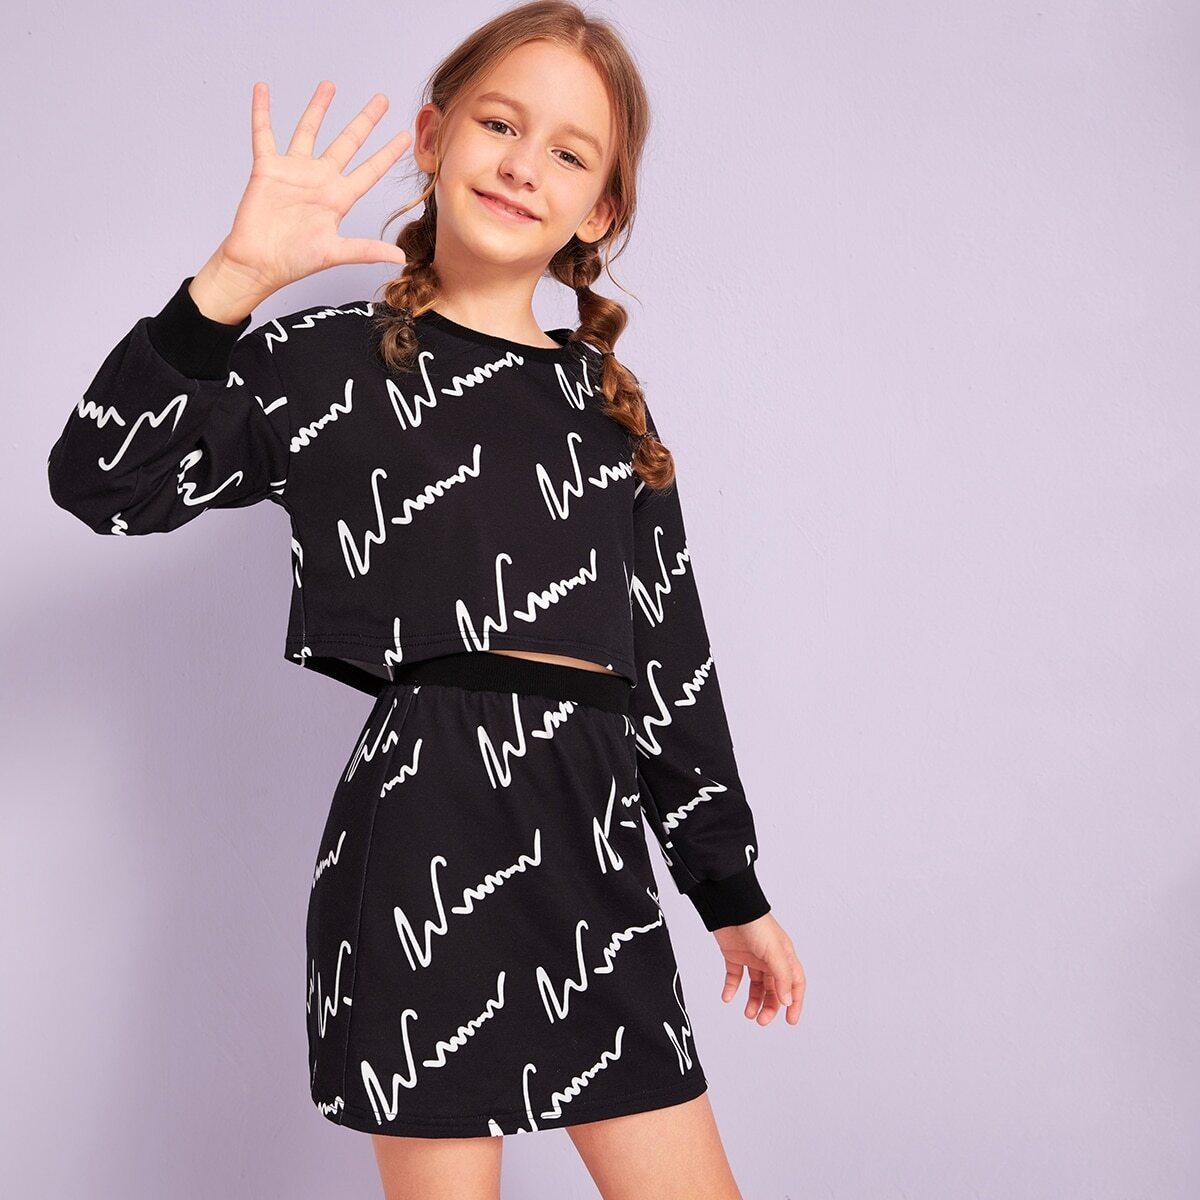 Юбка и пуловер с графическим принтом для девочек от SHEIN